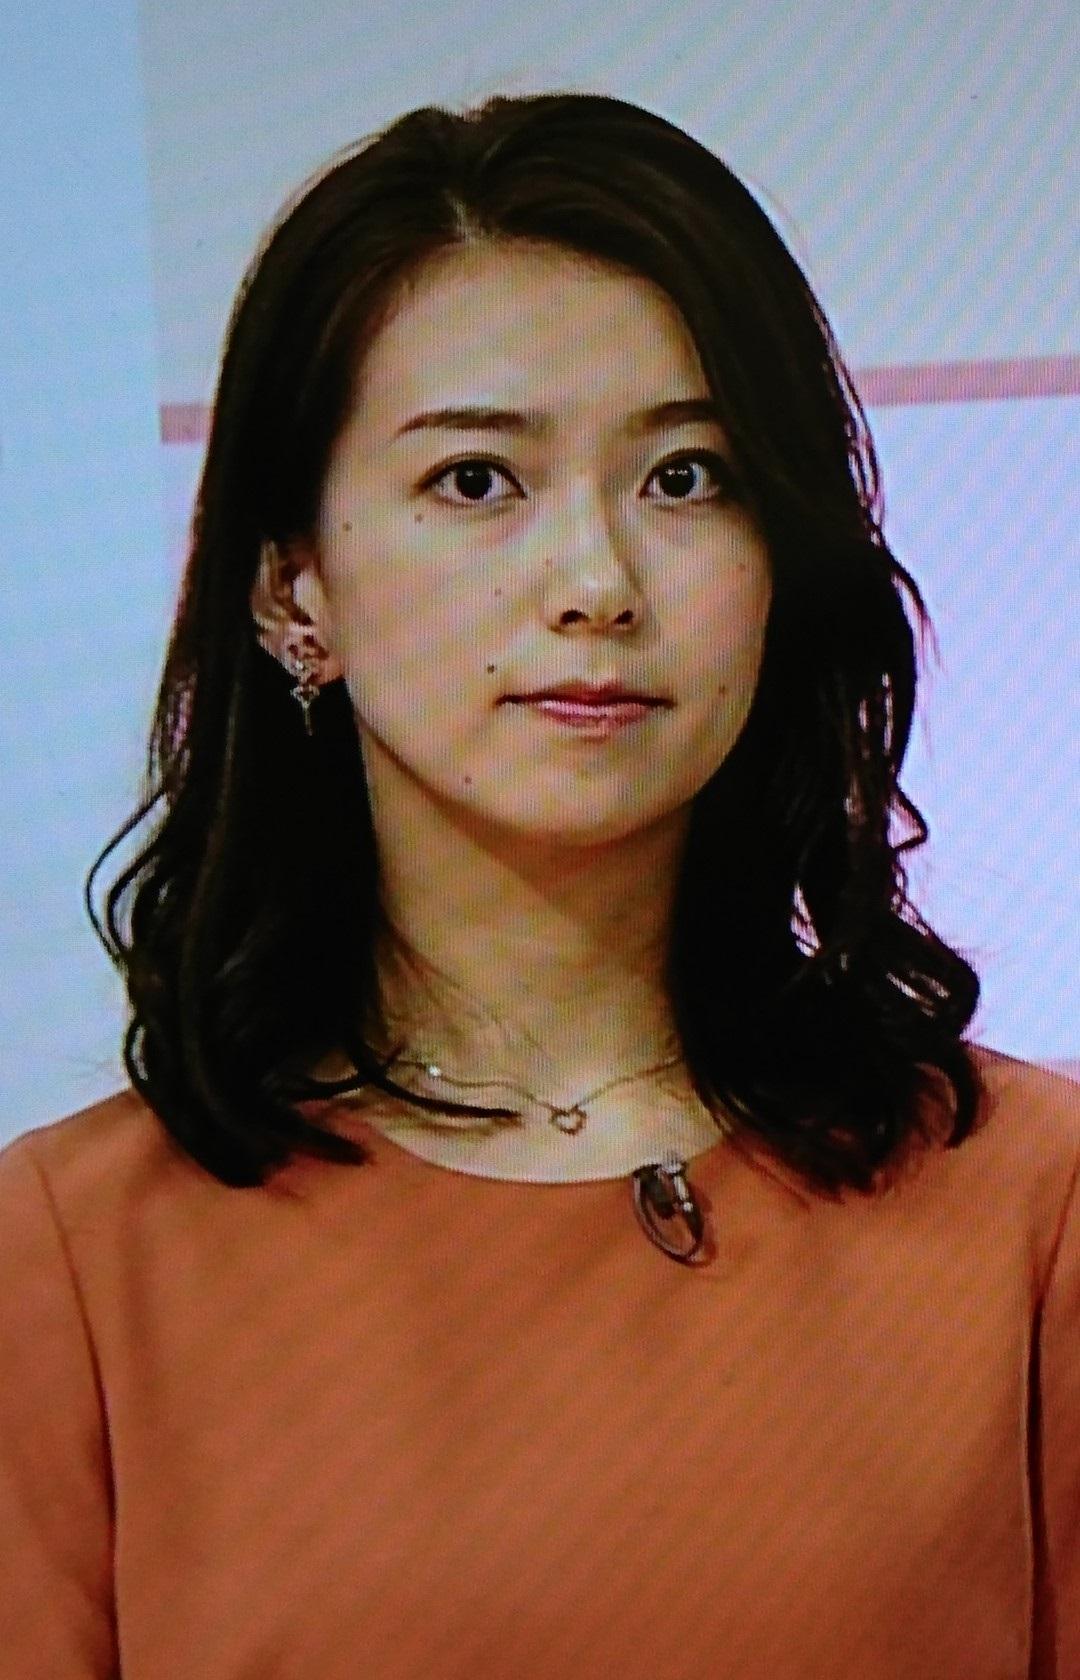 2016.12.21 和久田麻由子さん (4) 1080-1680